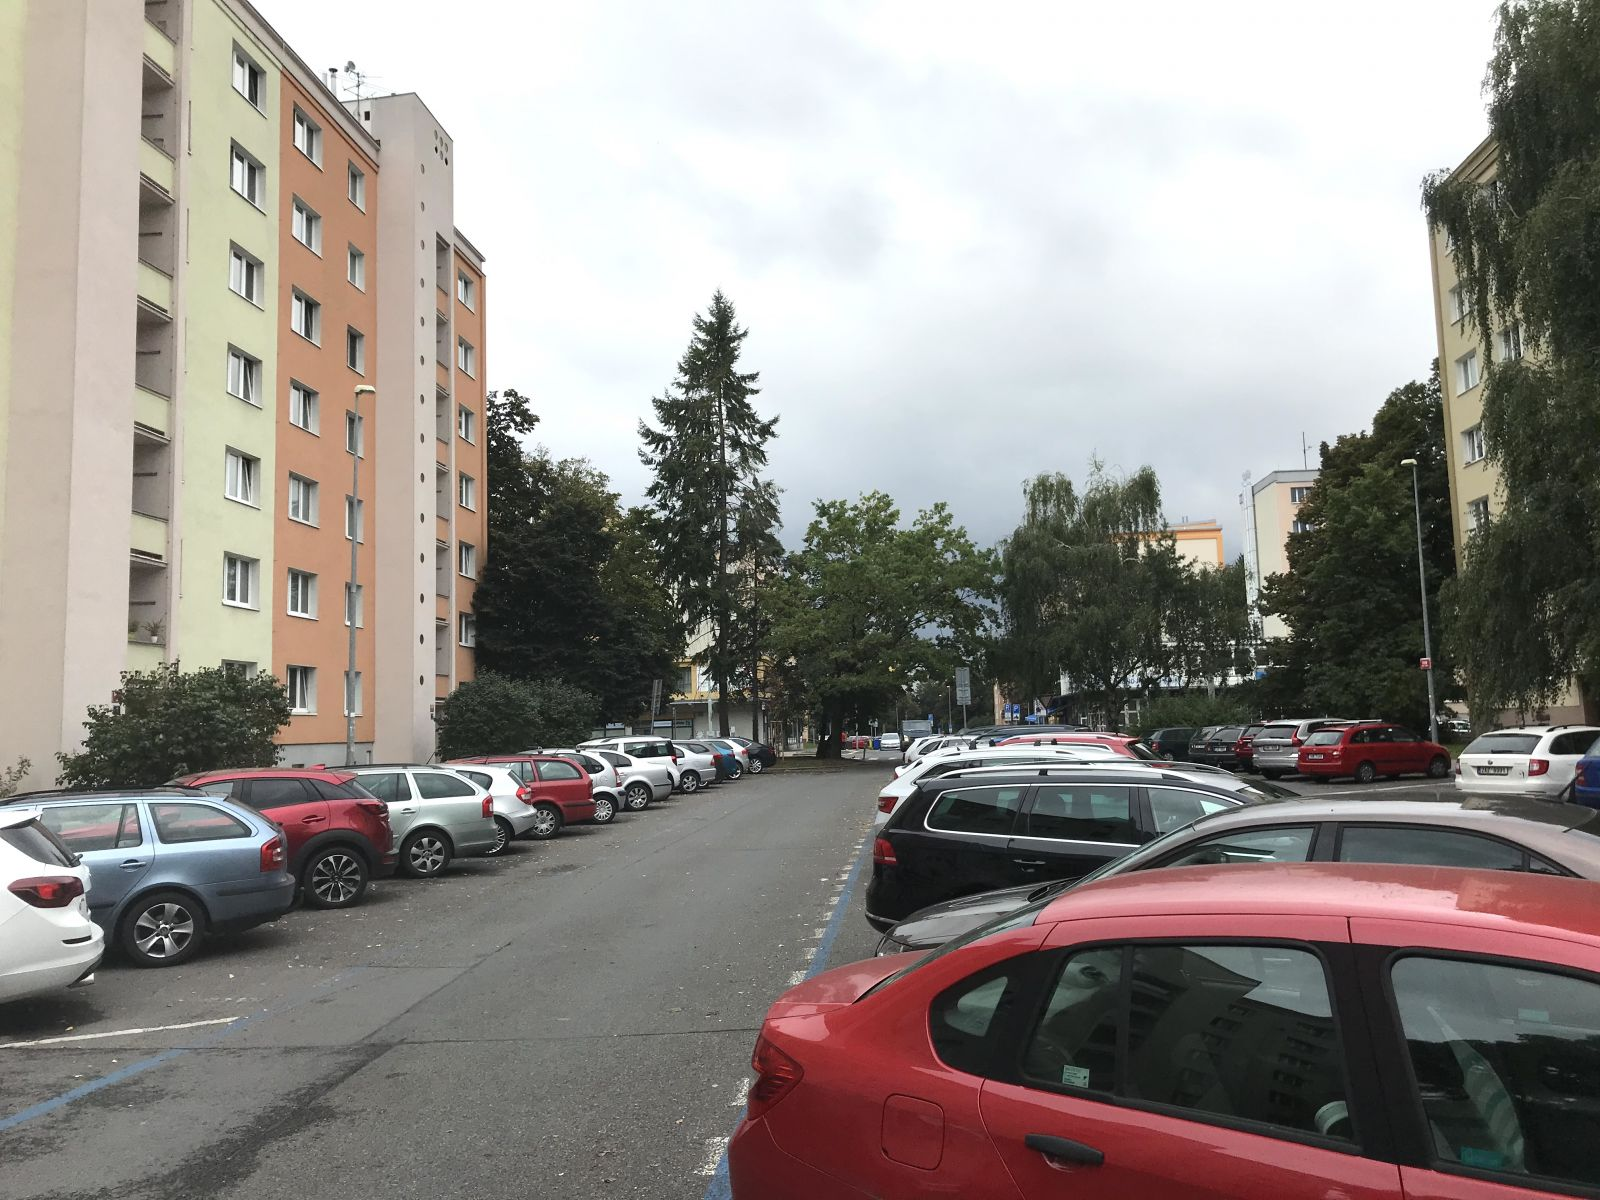 Pronájem rekonstruovaného bytu, P6  Břevnov, ul. Čílova, OV, 2+1 s lodžií a sklepní kójí, 51 m2